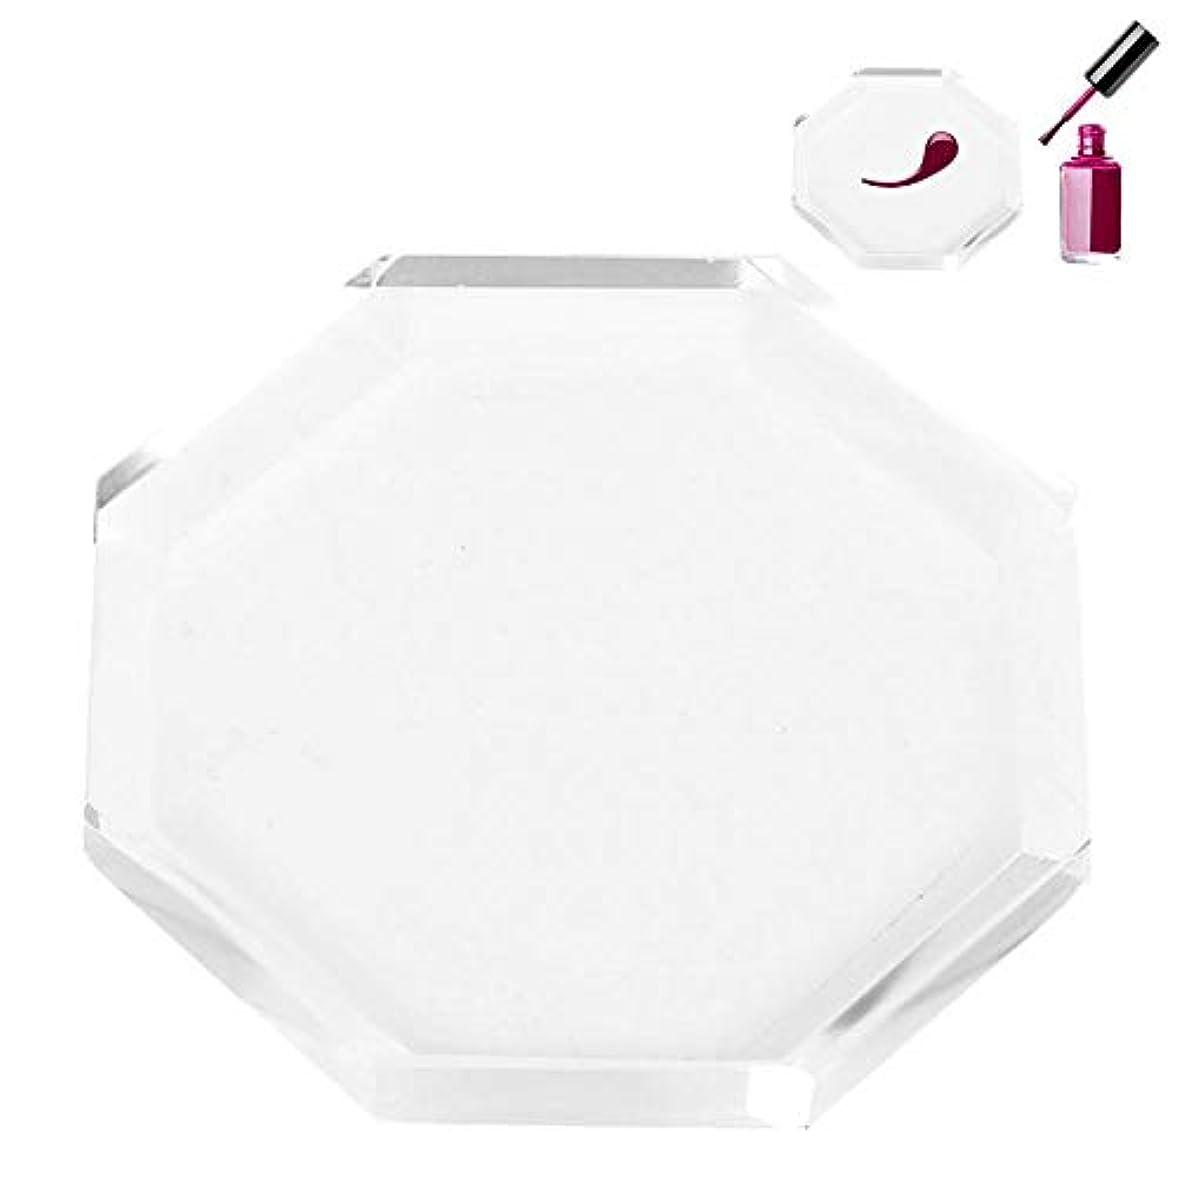 オーディション設置することになっているネイルパレット、ネイルアートパレット ネイルポリッシュプレゼンテーションプレート 透明ガラス 色塗料トレイ ネイルDIYツール(03)